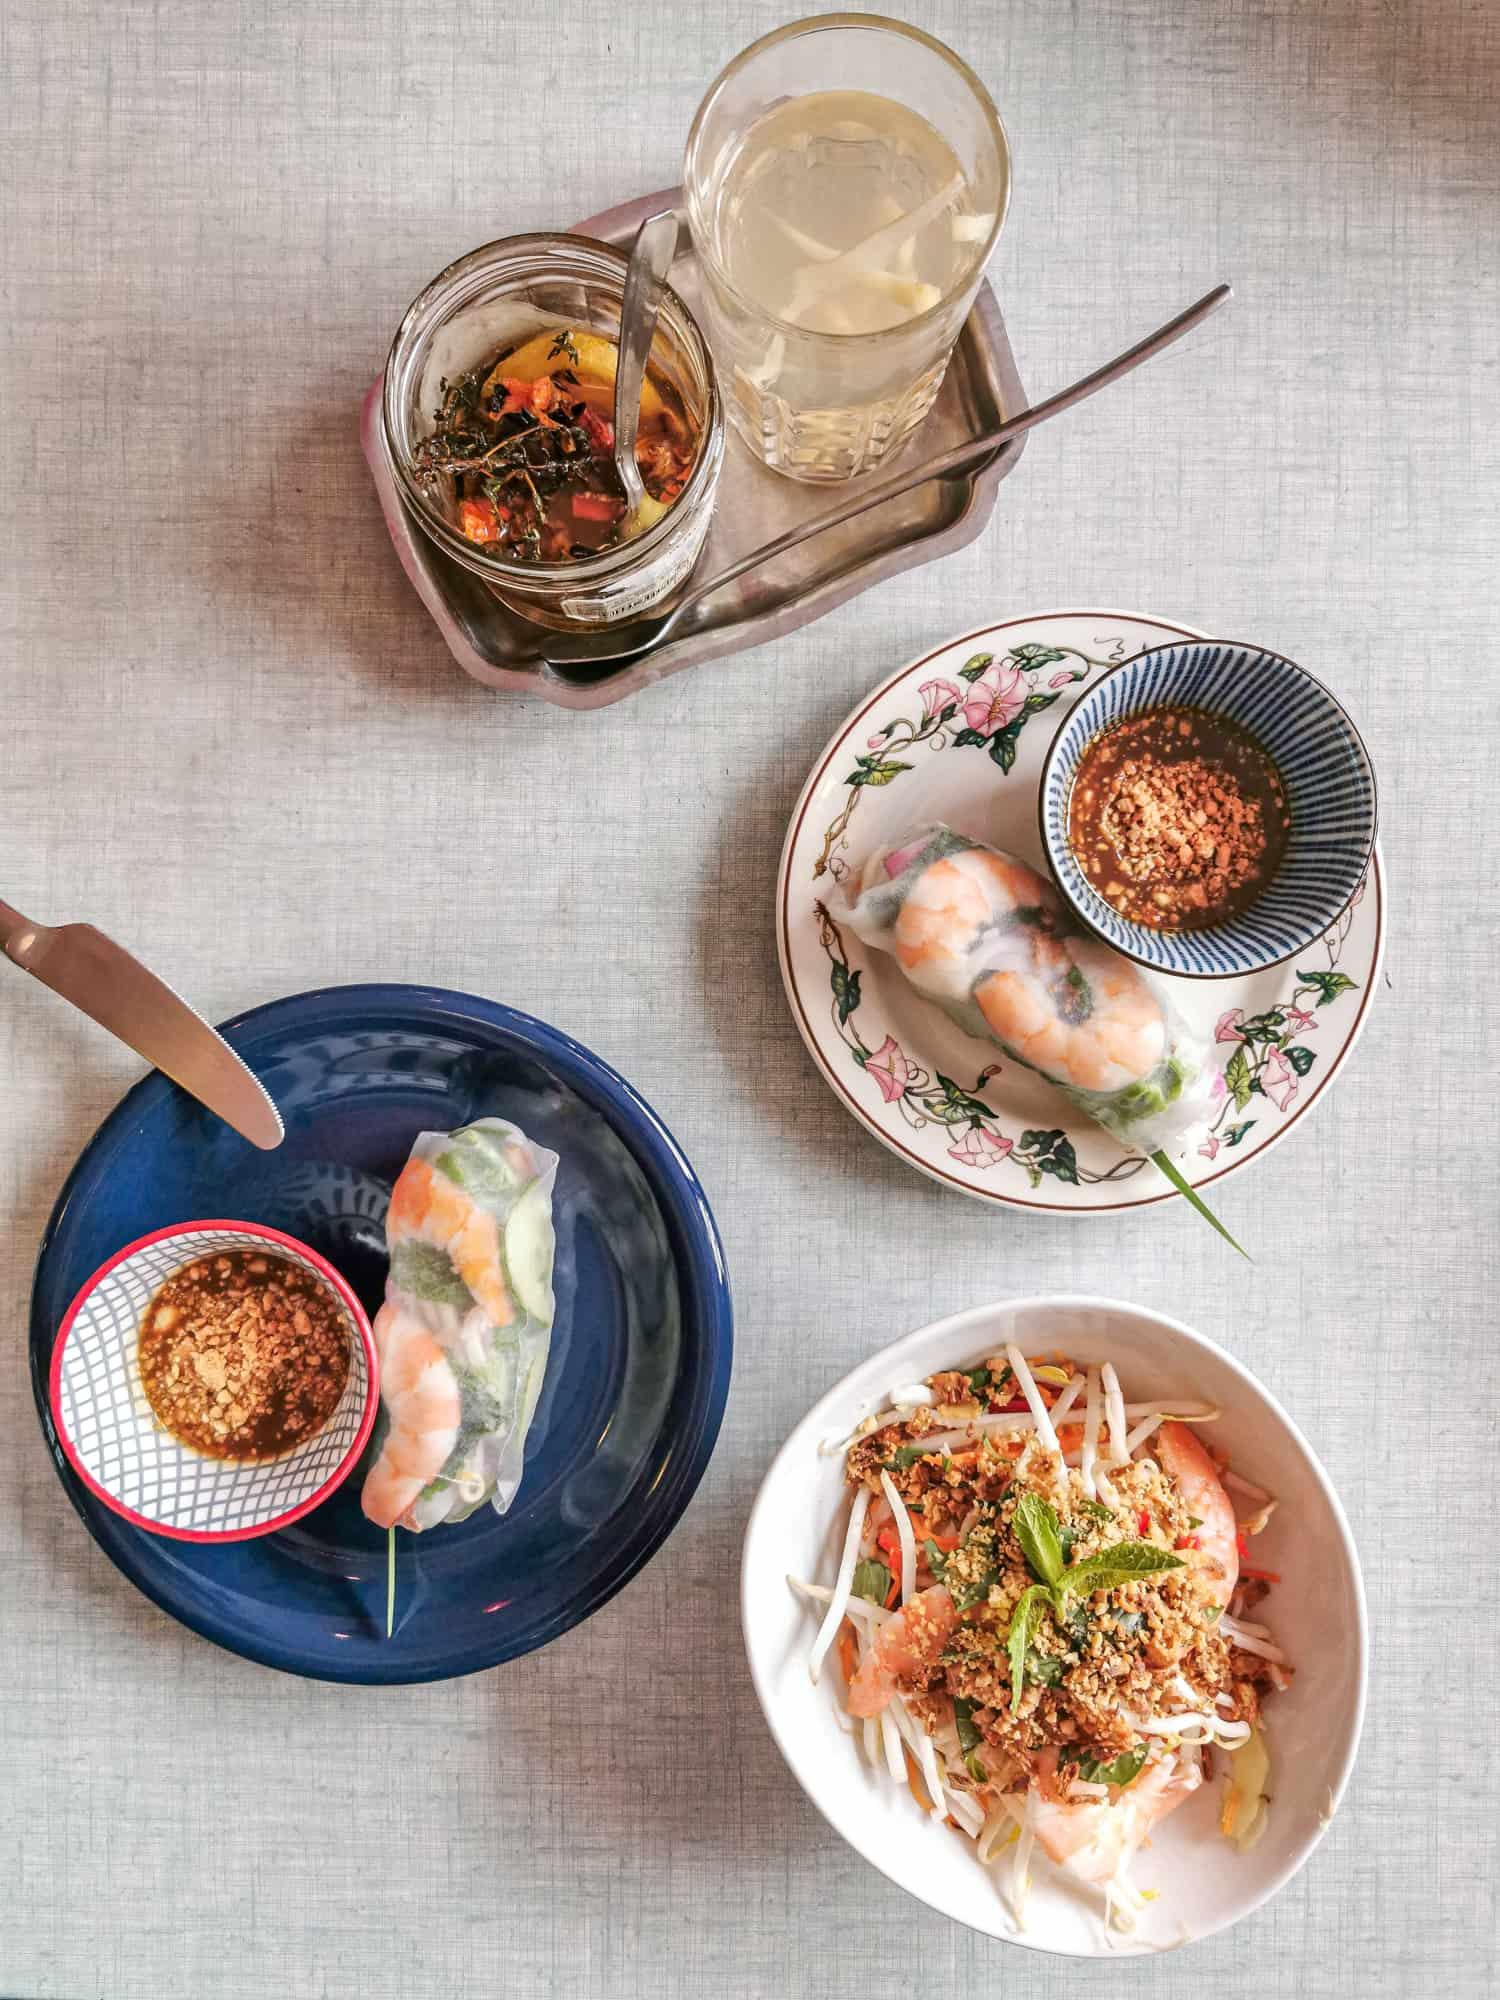 ca-phe-broc-ouest-restaurant-vietnamien-paris-14-bouiboui-12